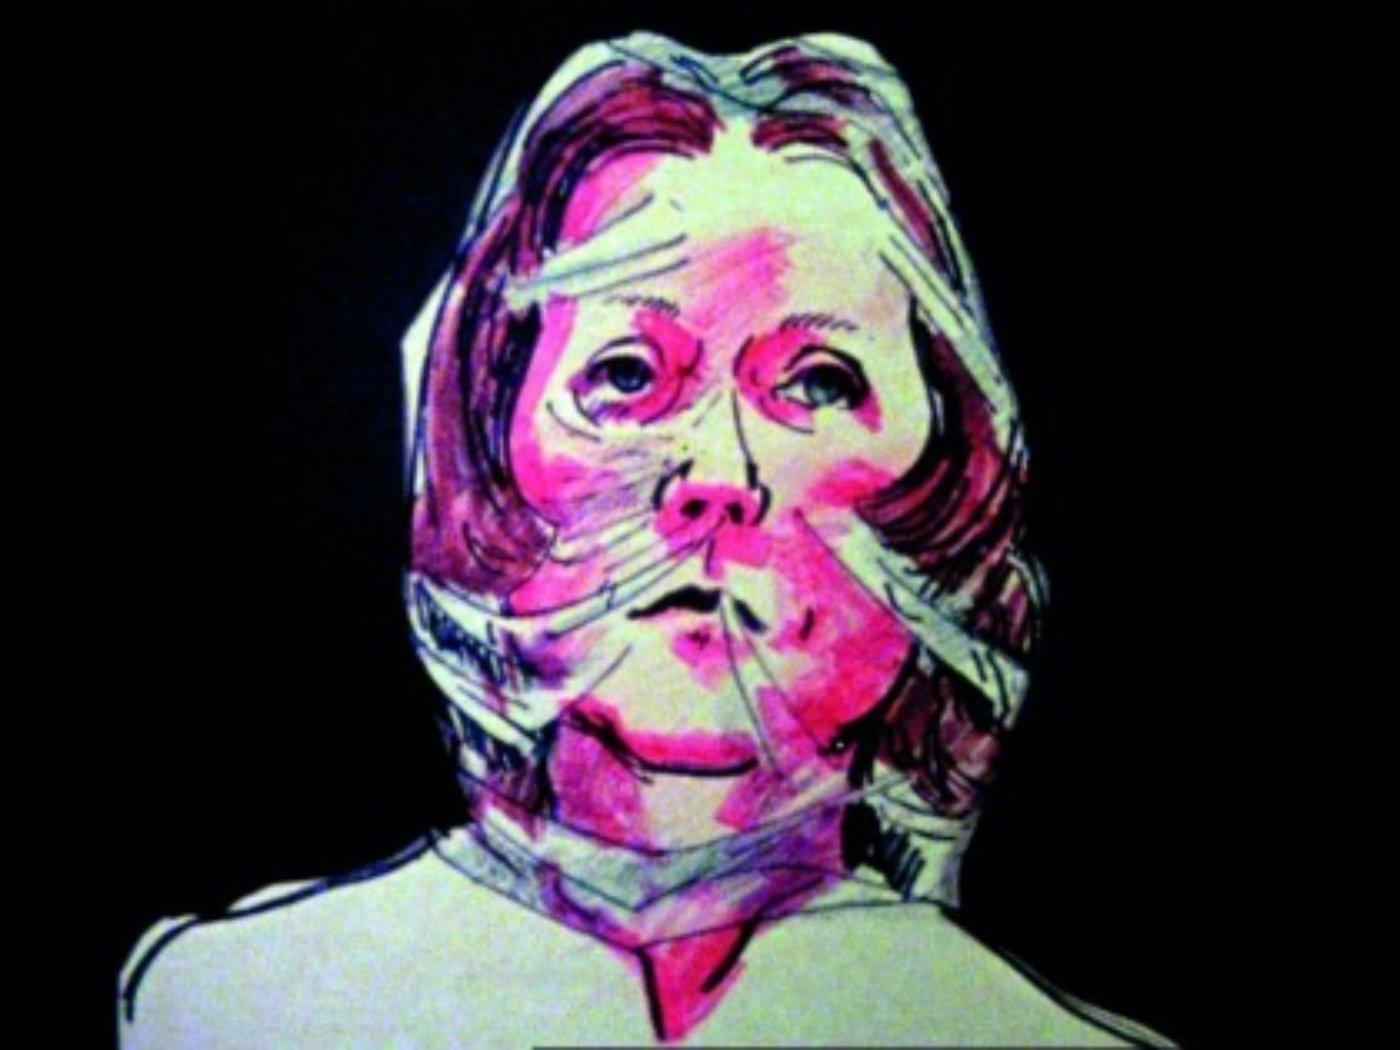 selfportrait-1971-lassnig-recensione